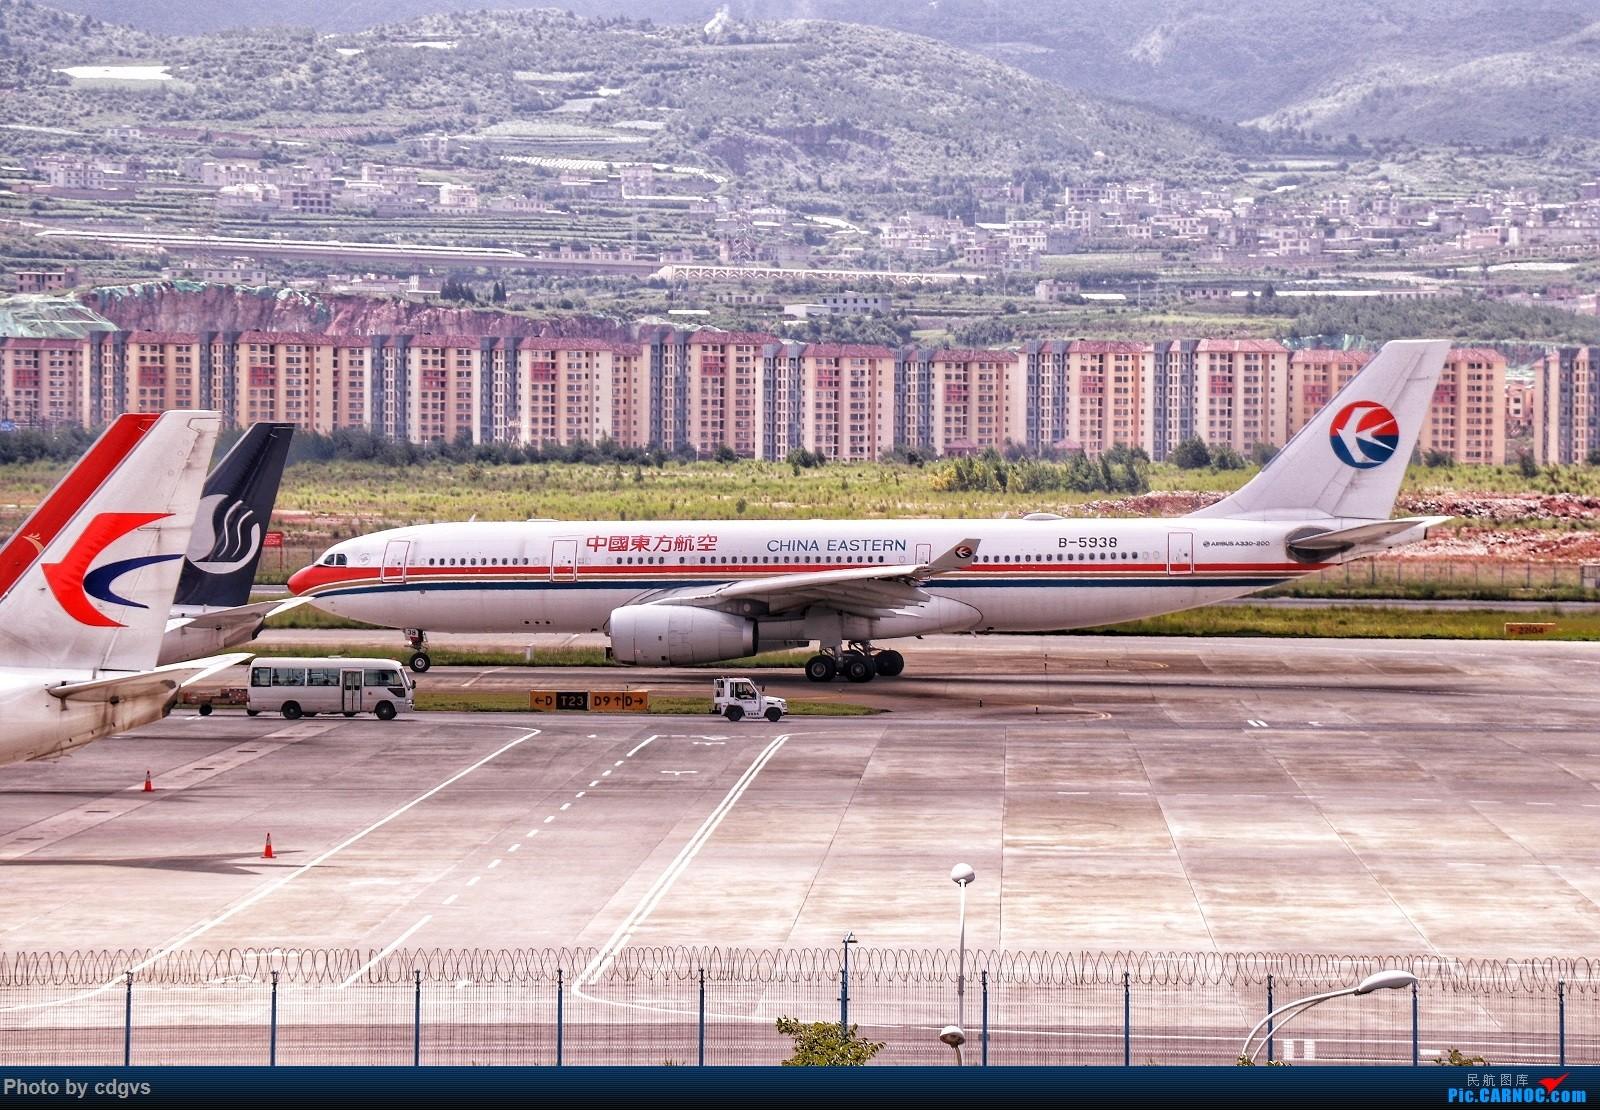 Re:[原创]【KMG】昆明的一天 1600大图 一次看个爽 AIRBUS A330-200 B-5938 中国昆明长水国际机场